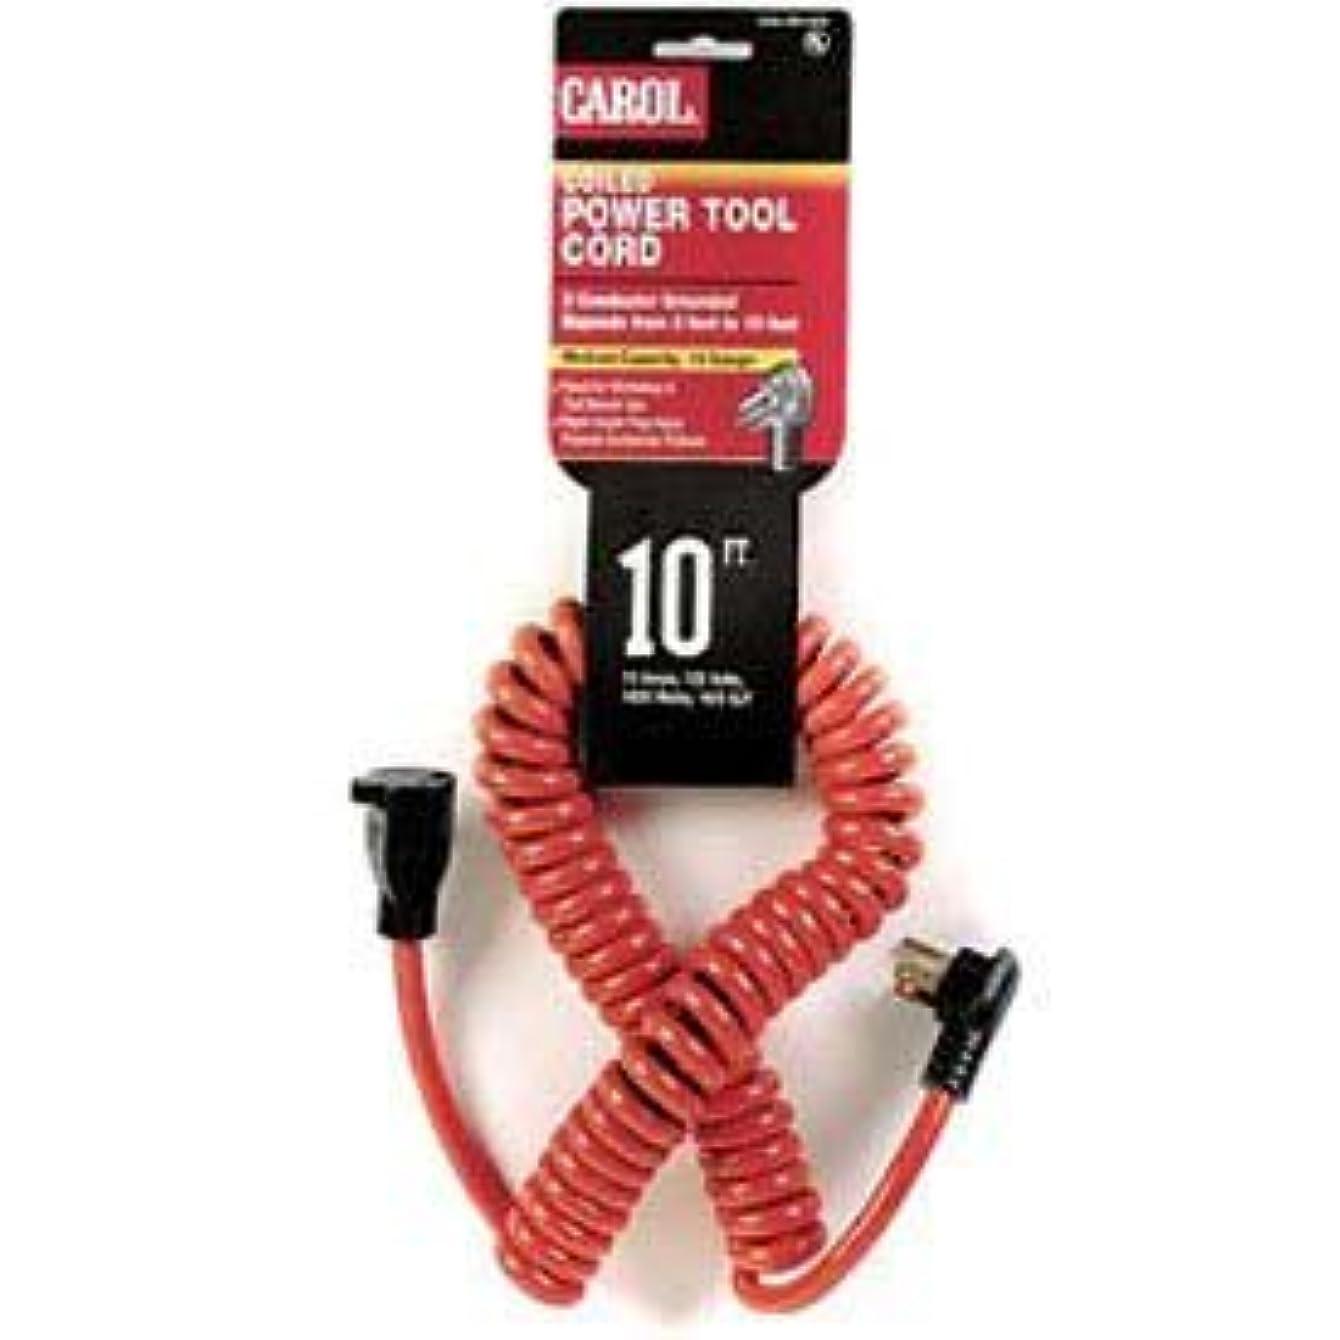 Carol 10' Coiled Power Tool Ext./Power Cord, 16awg 13a/125v, Orange